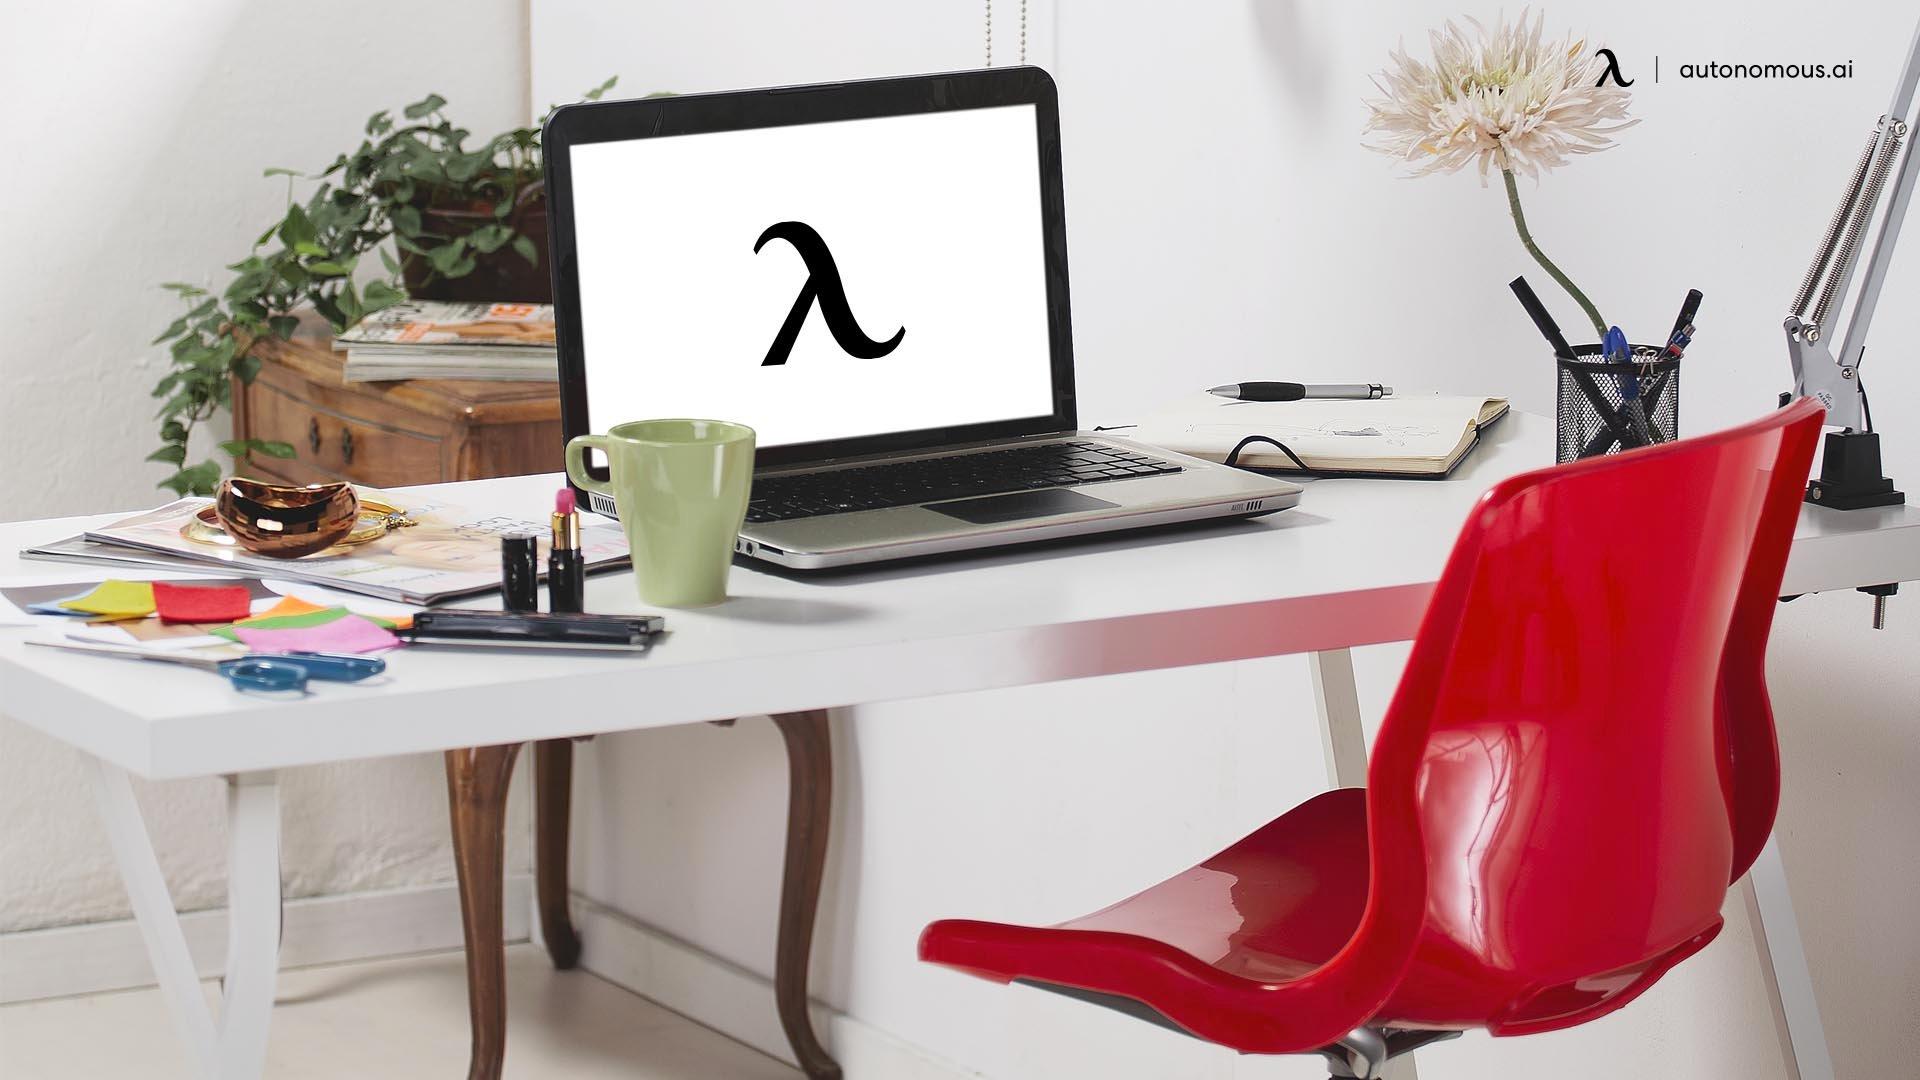 Use a Suitable Desk Set Up